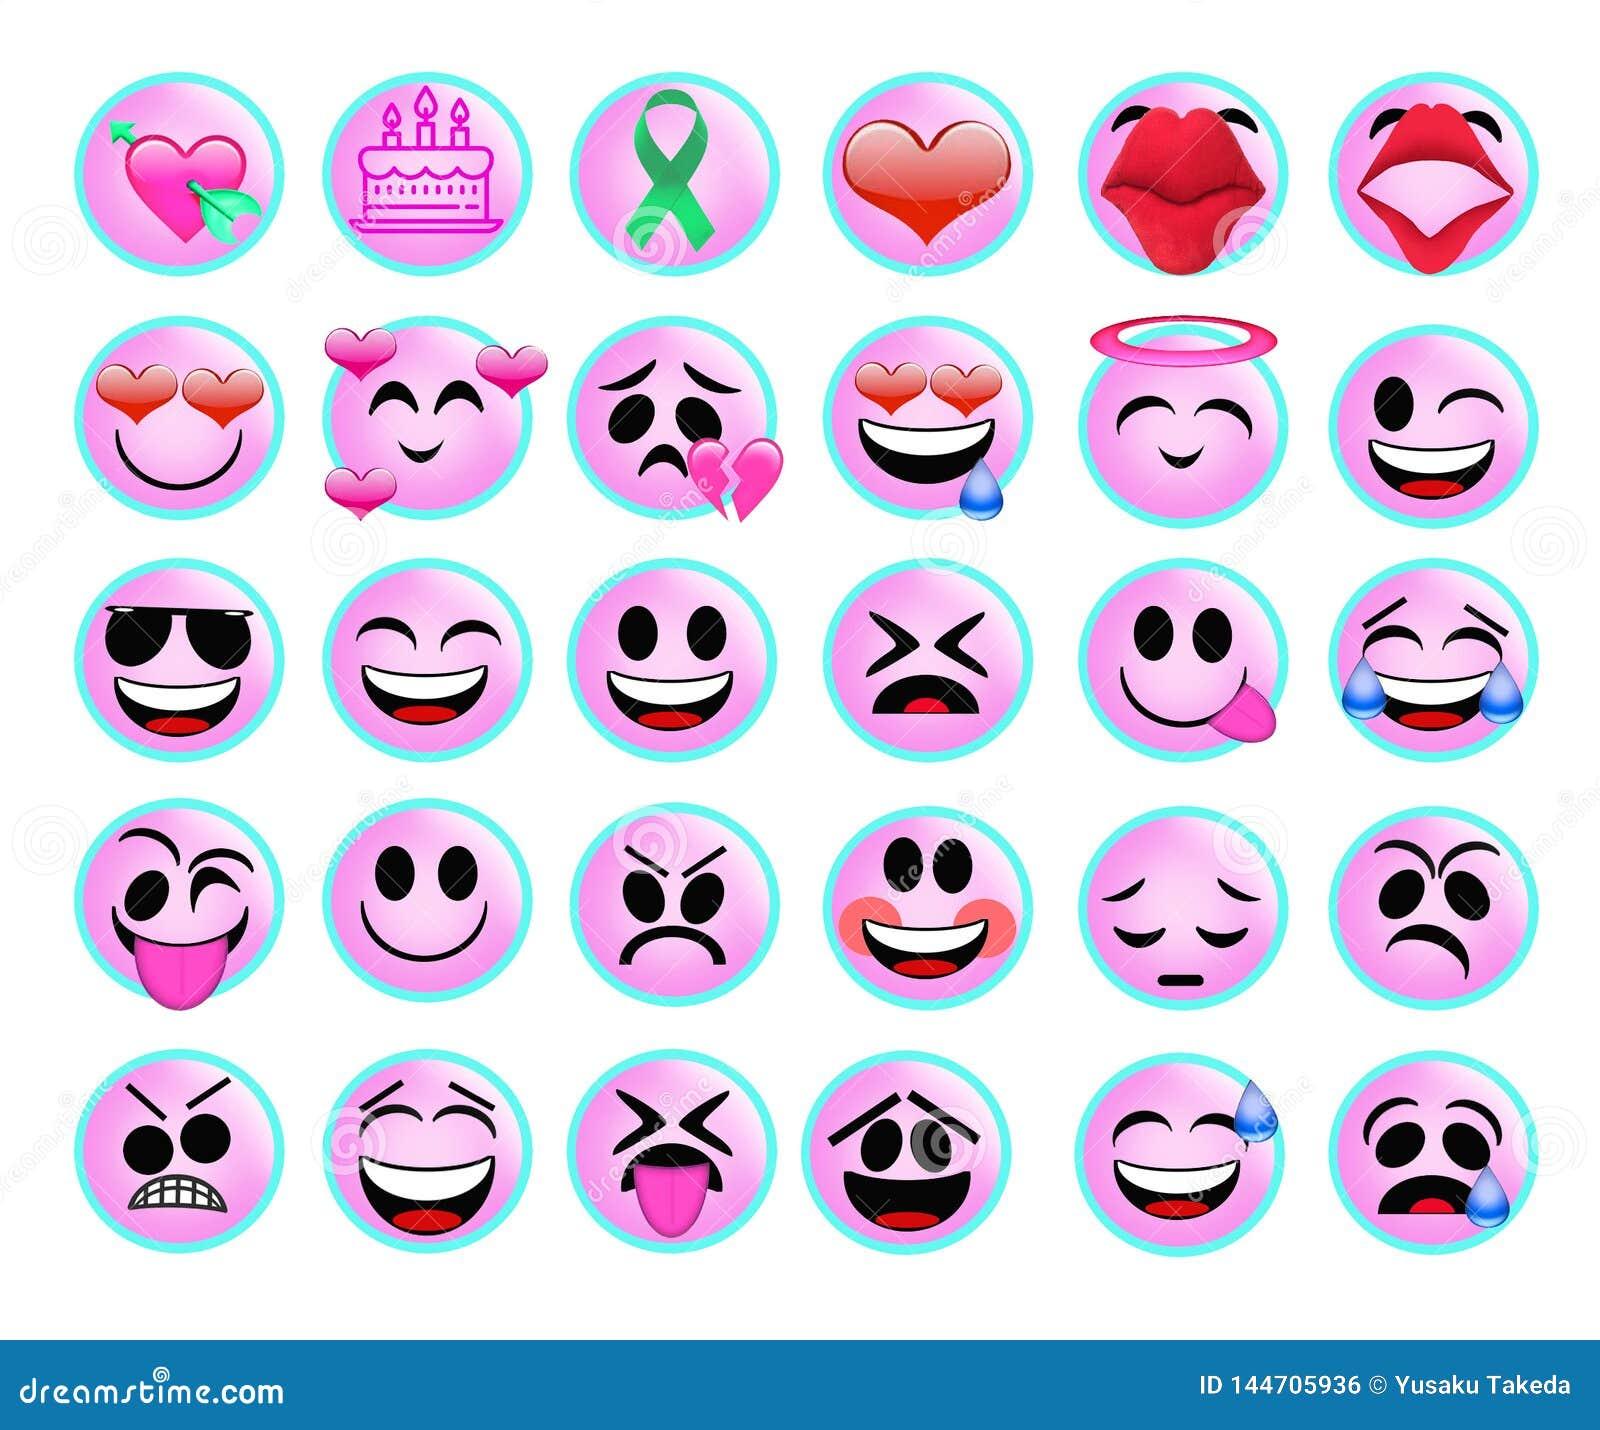 Αστεία εικονίδια emoji που τίθενται για τον Ιστό στο άσπρο υπόβαθρο